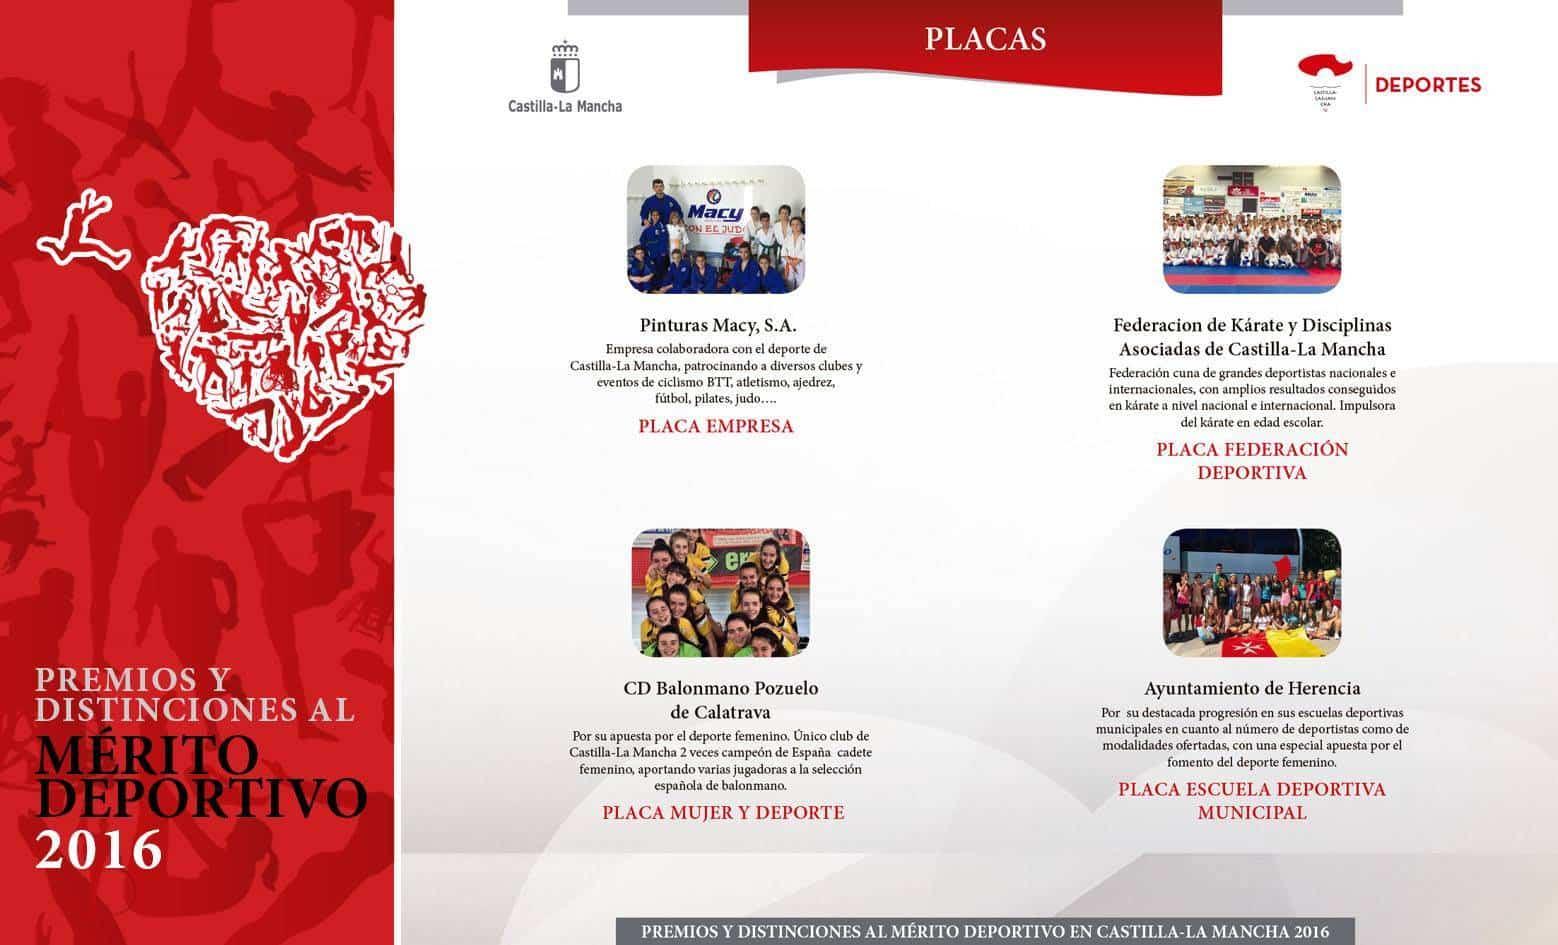 reconomientos deportivos clm - Las Escuelas Deportivas de Herencia reciben la Placa al Mérito Deportivo